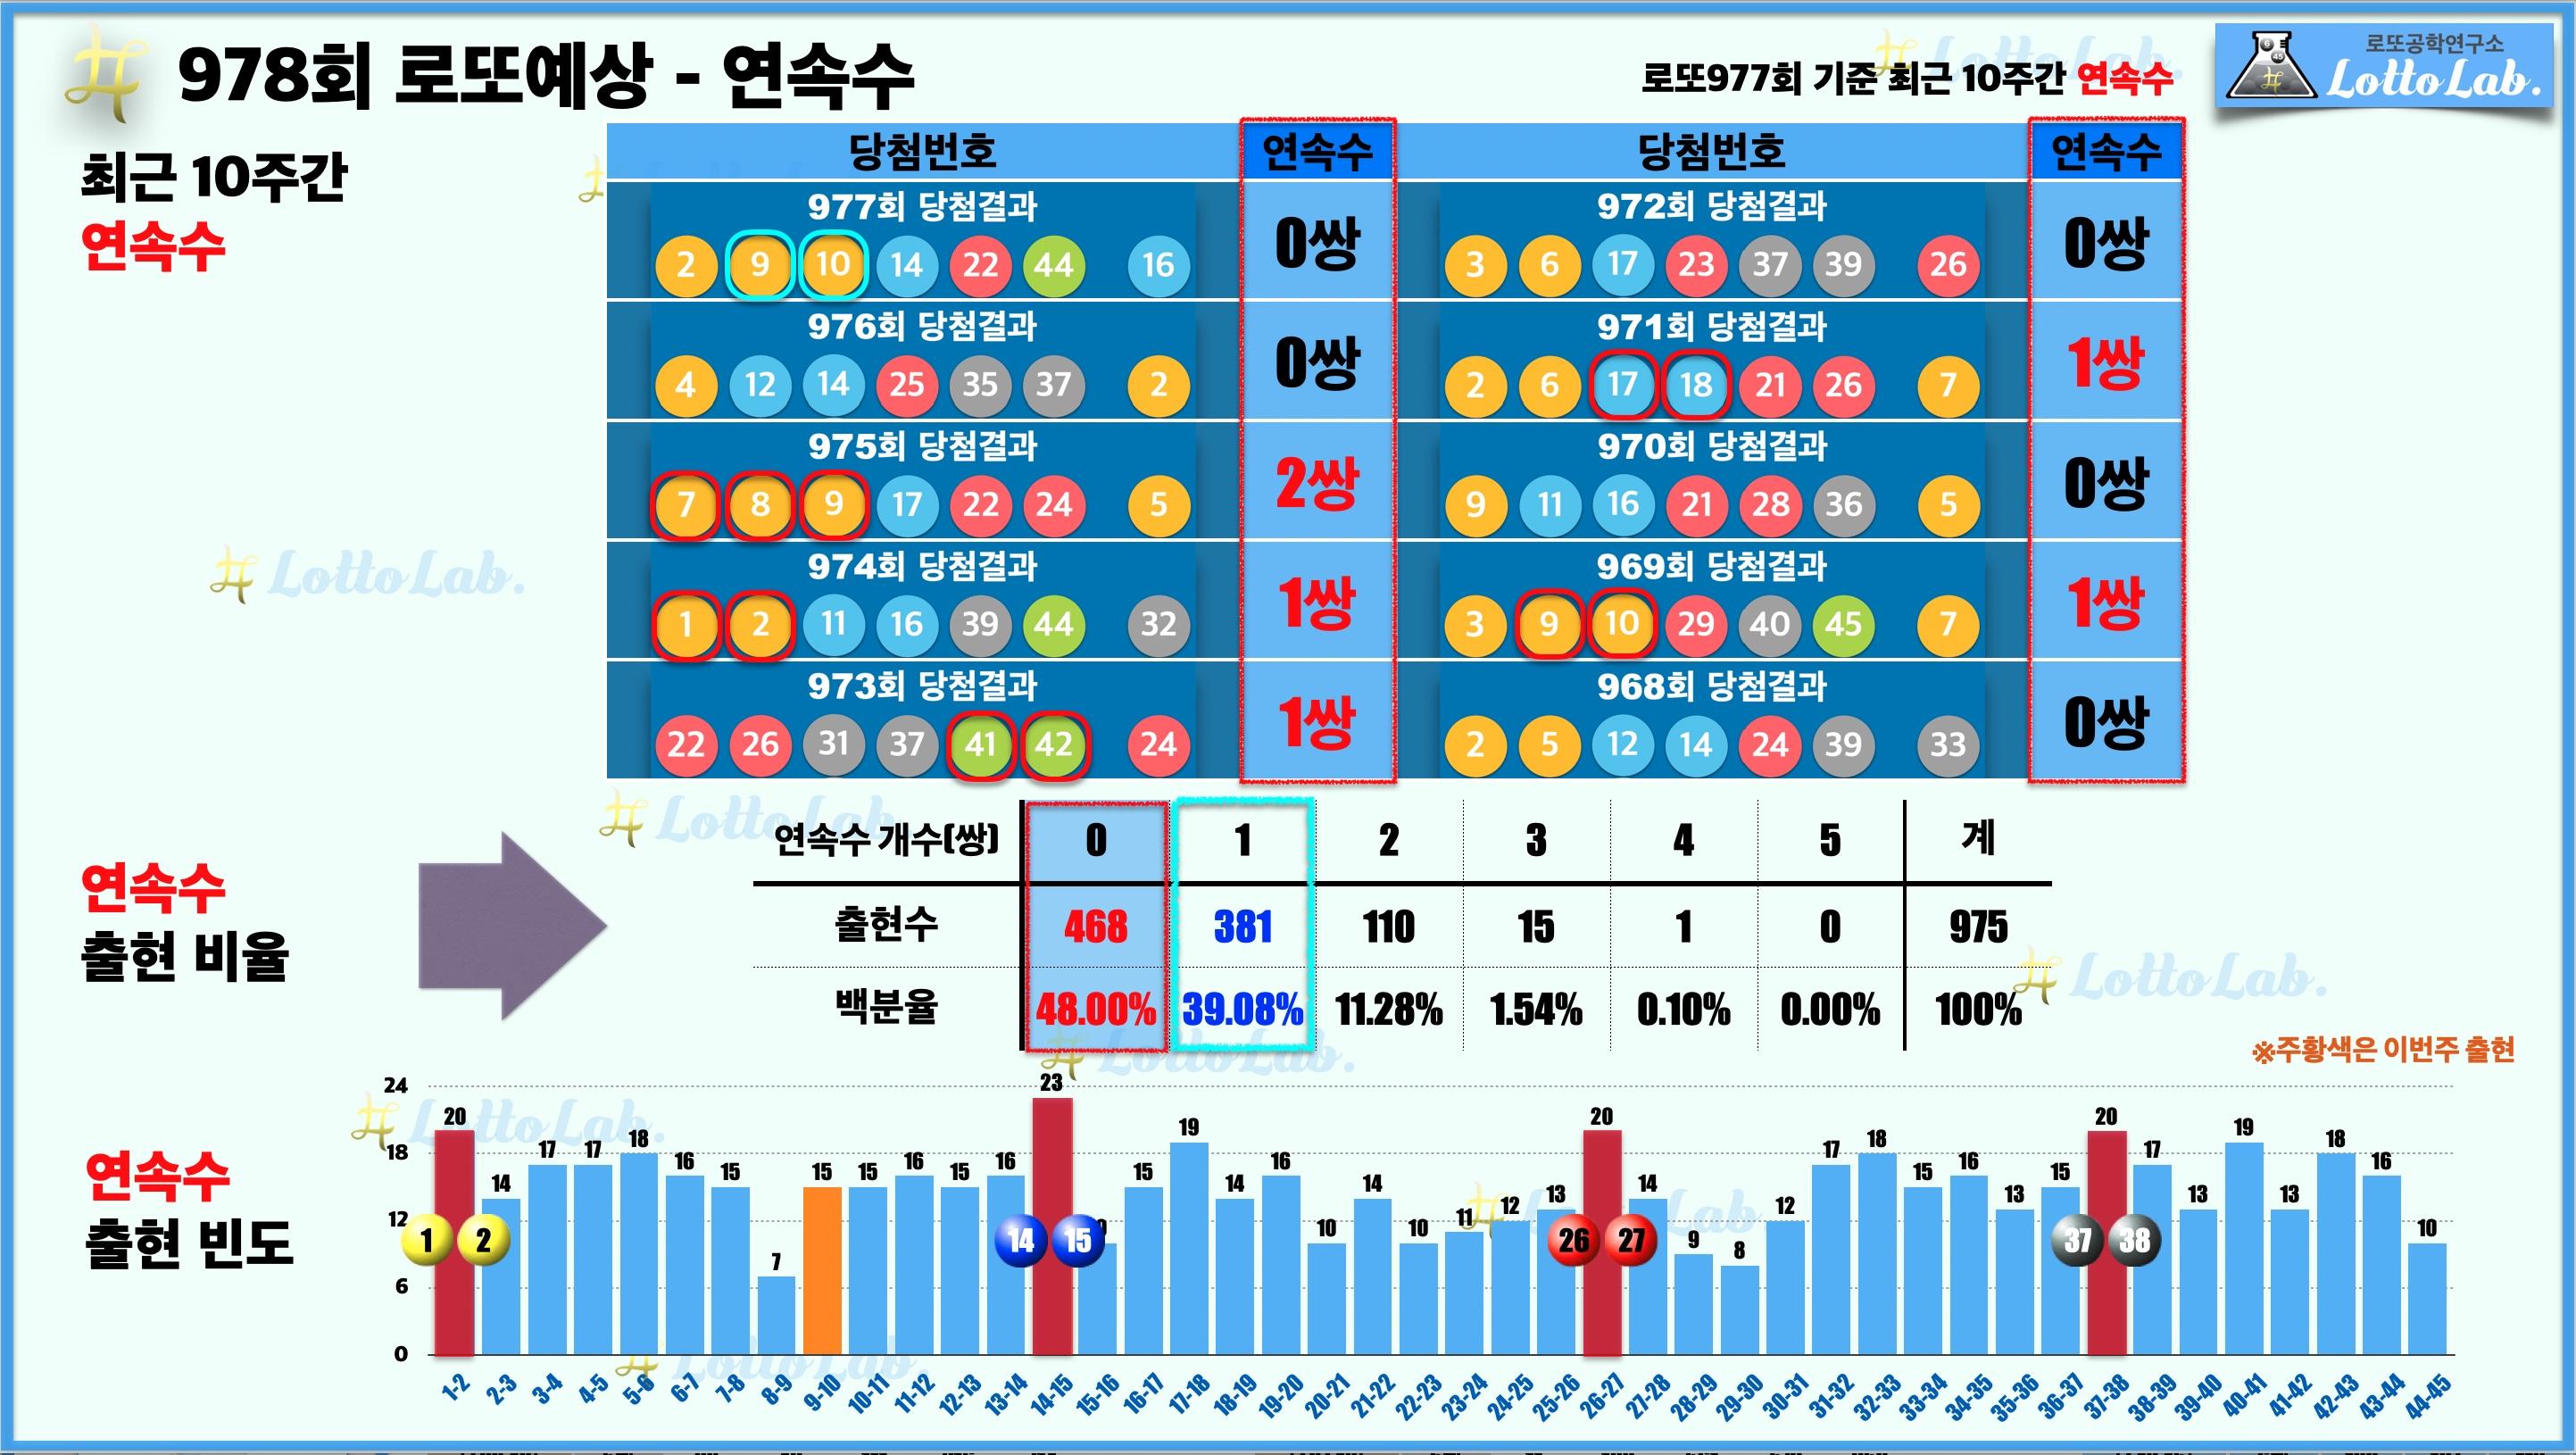 로또랩 로또978 당첨 번호 예상 - 연속수